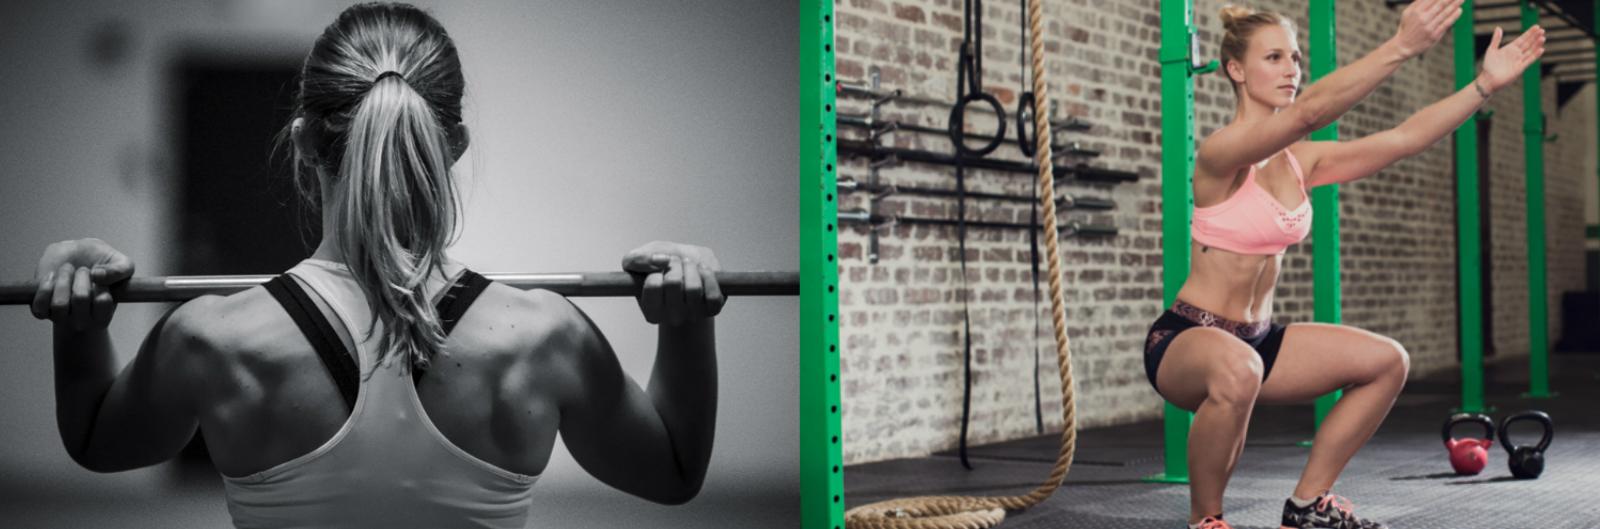 upper and  lower body strength exercises.jpg